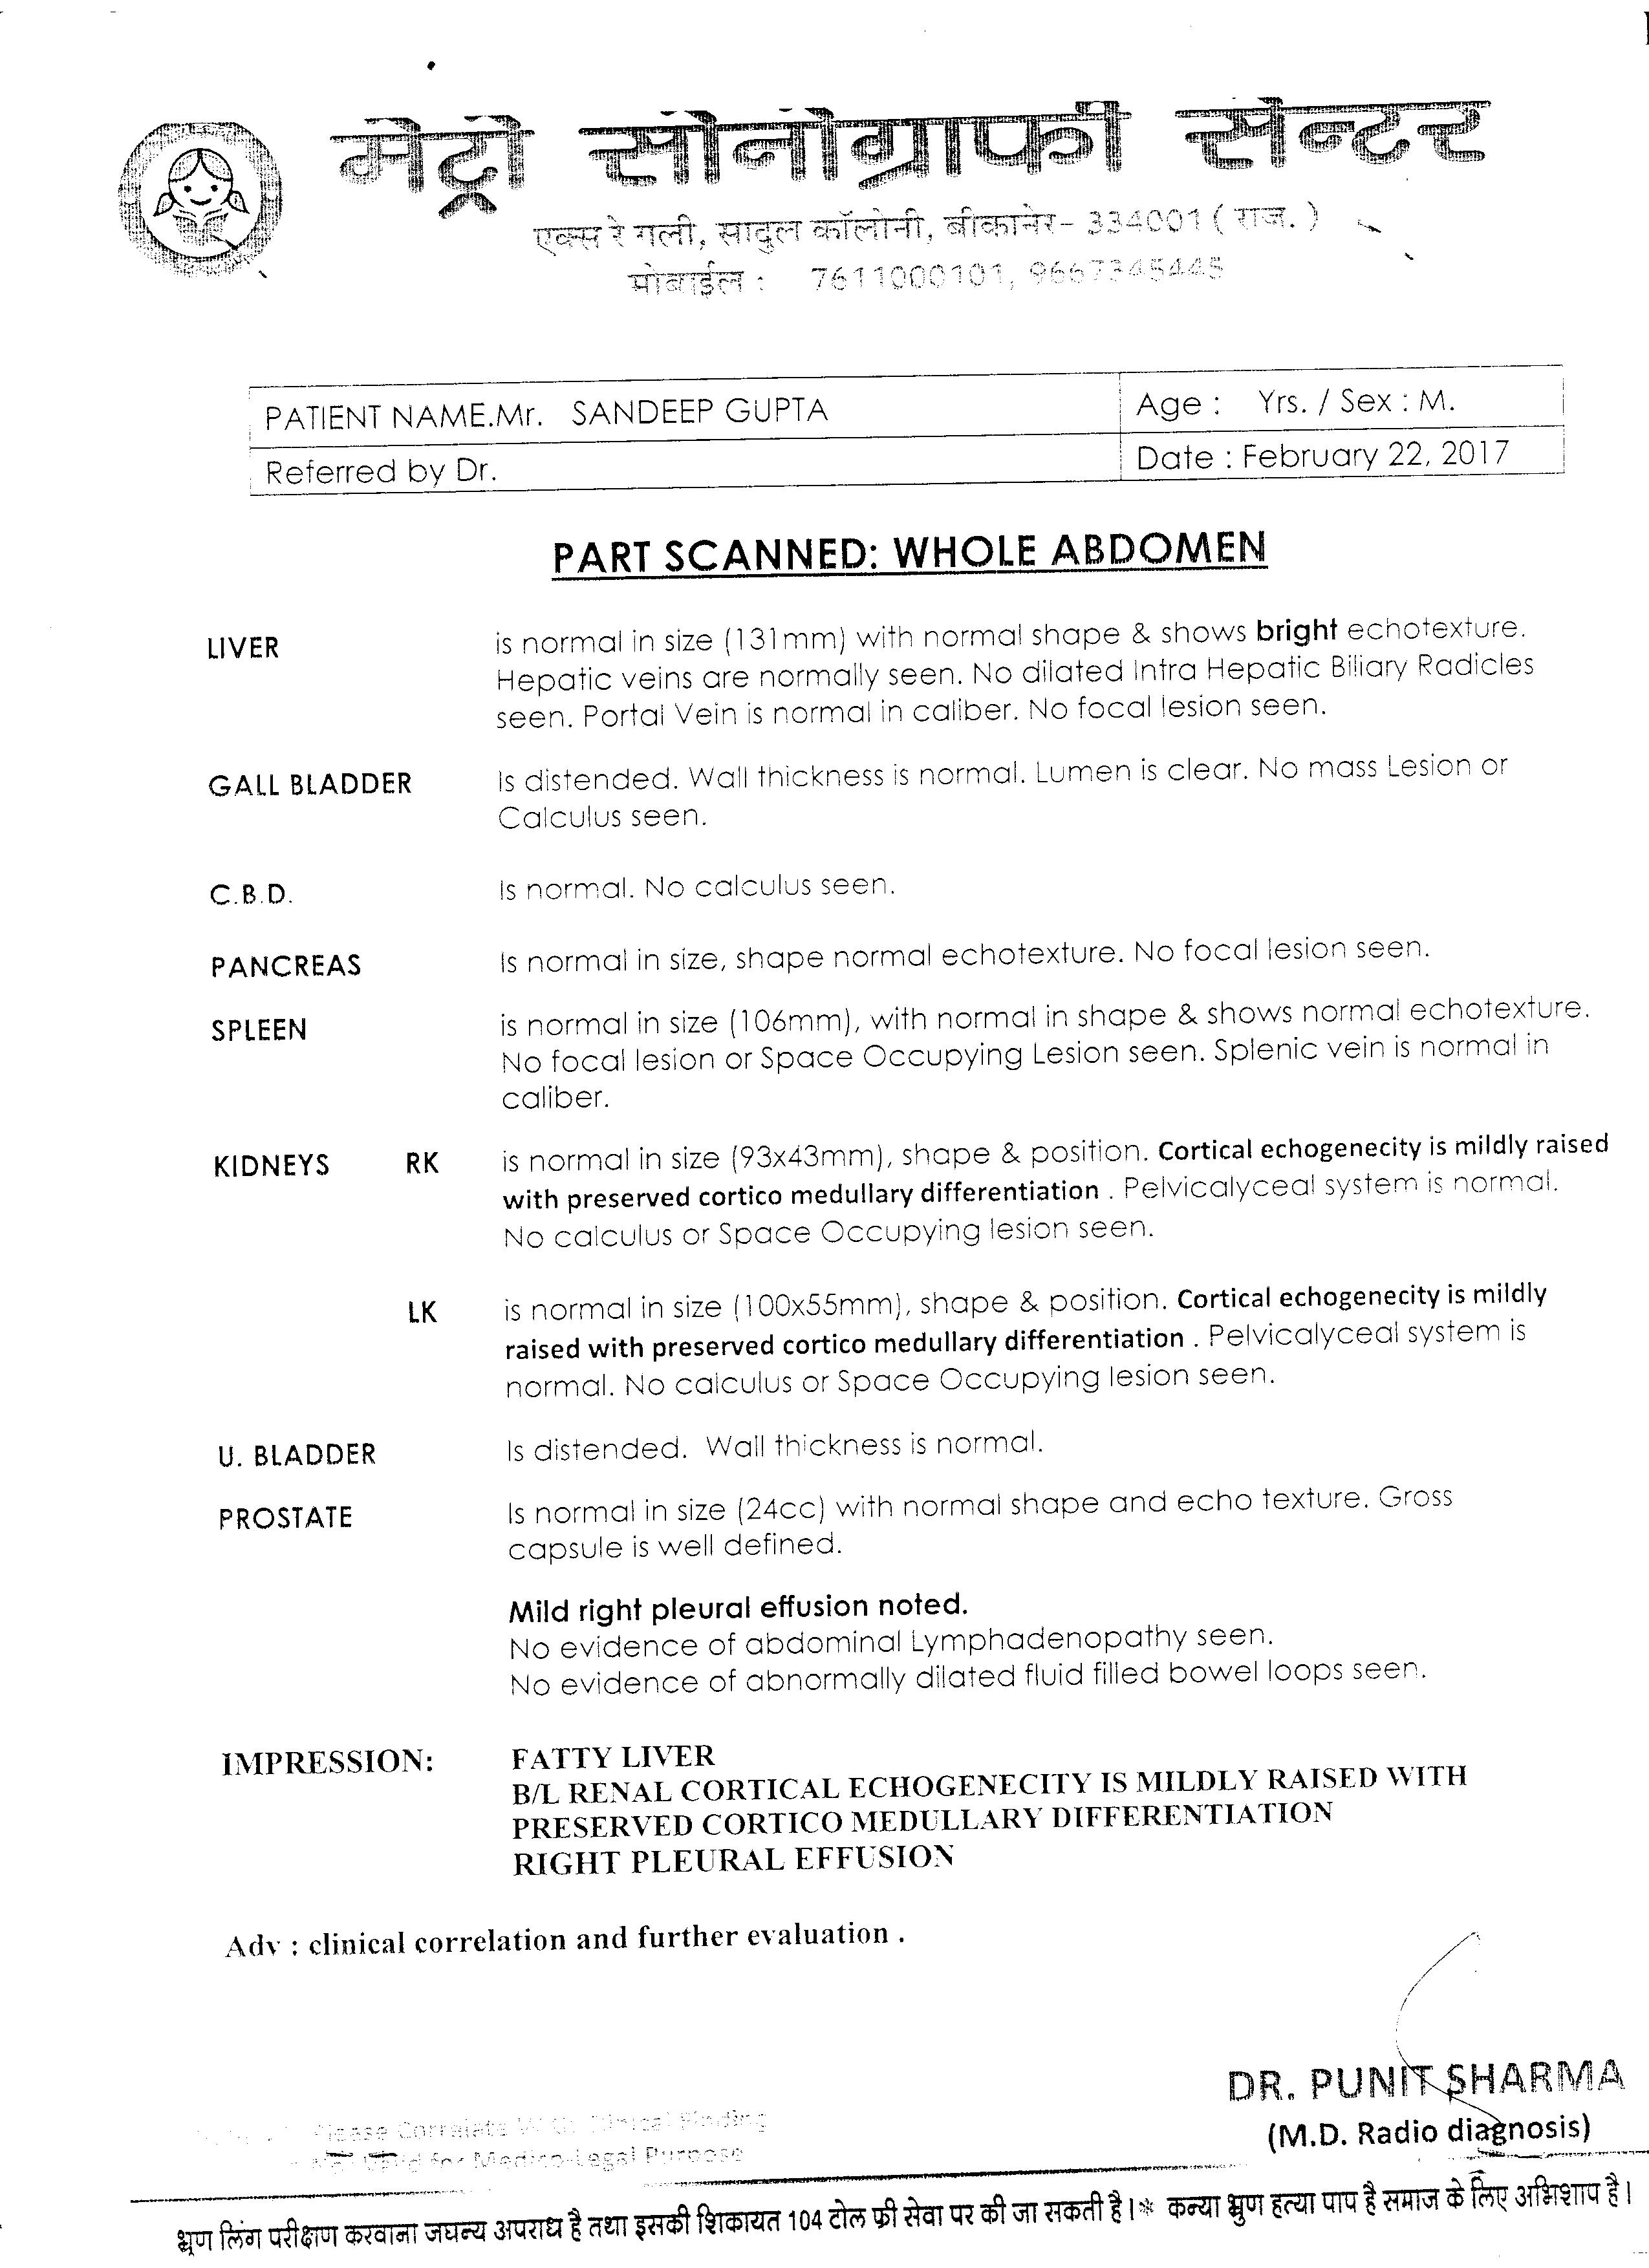 SANDEEP-GUPTA-43yrs-Kidney-Failure-Treatment-14